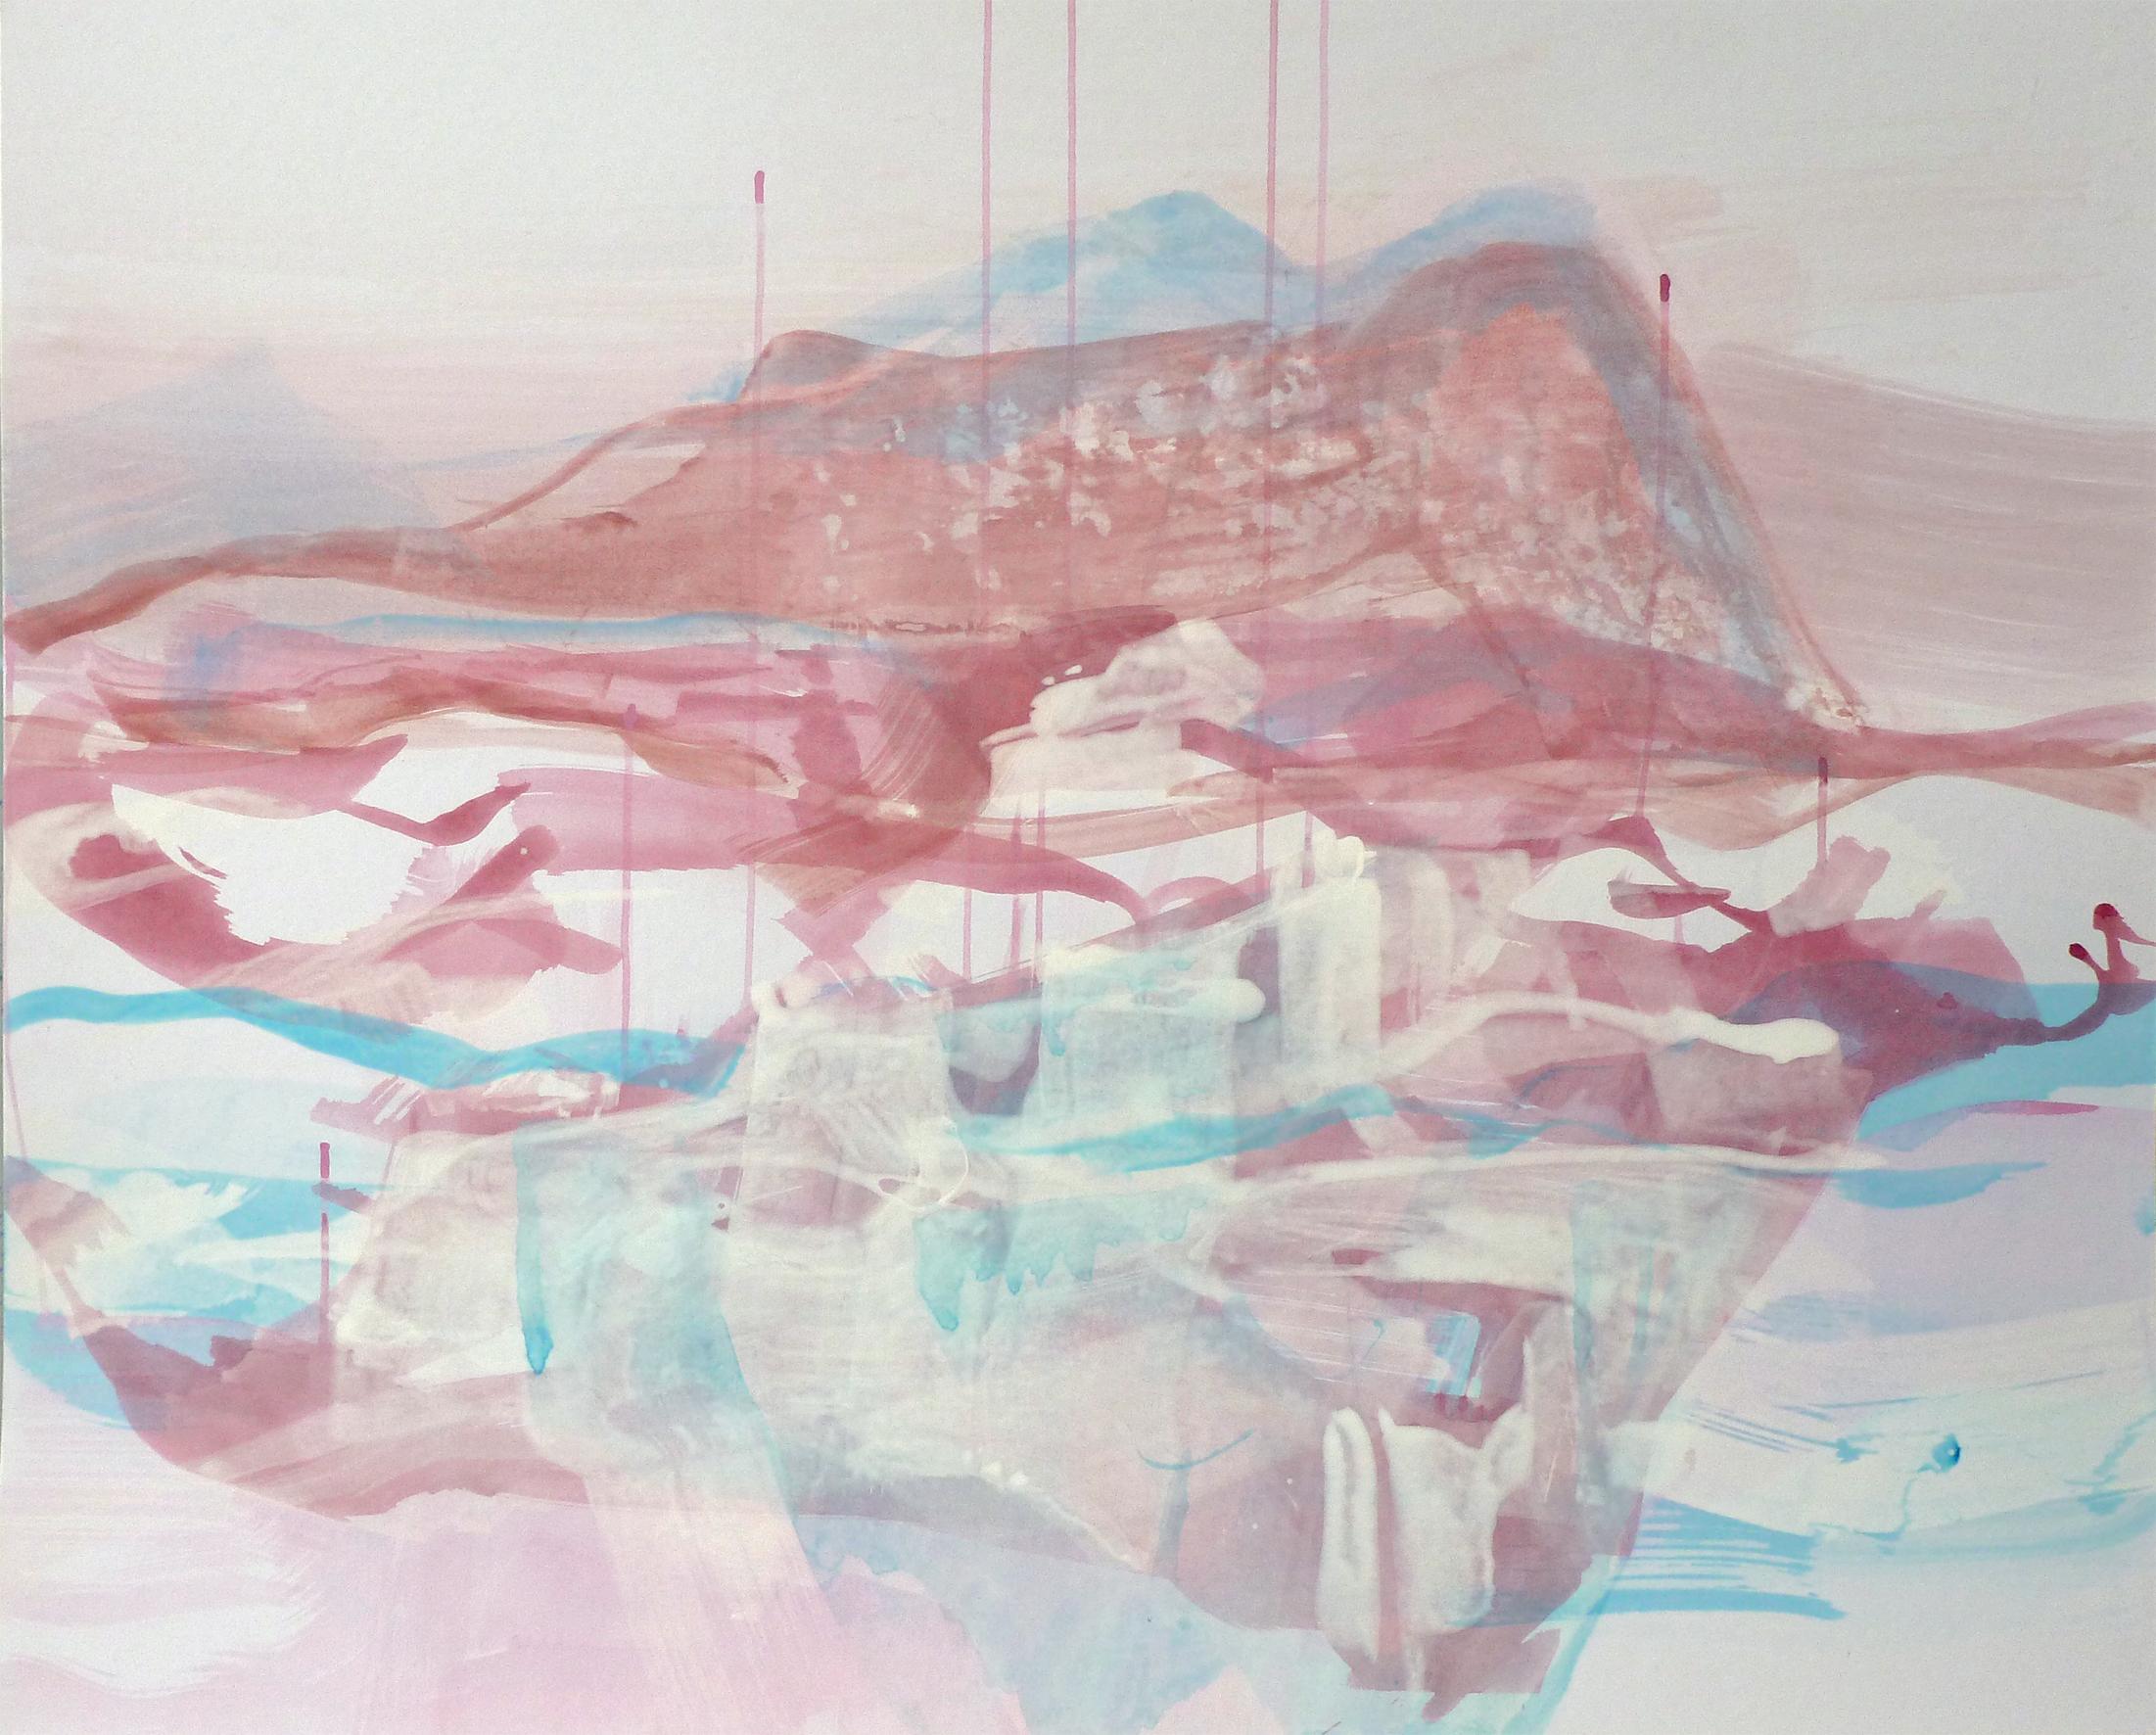 Bergspiegel, 2011, Acryl auf Papier, 80 x 100 cm © Uta Weil, VG Bild-Kunst, Bonn